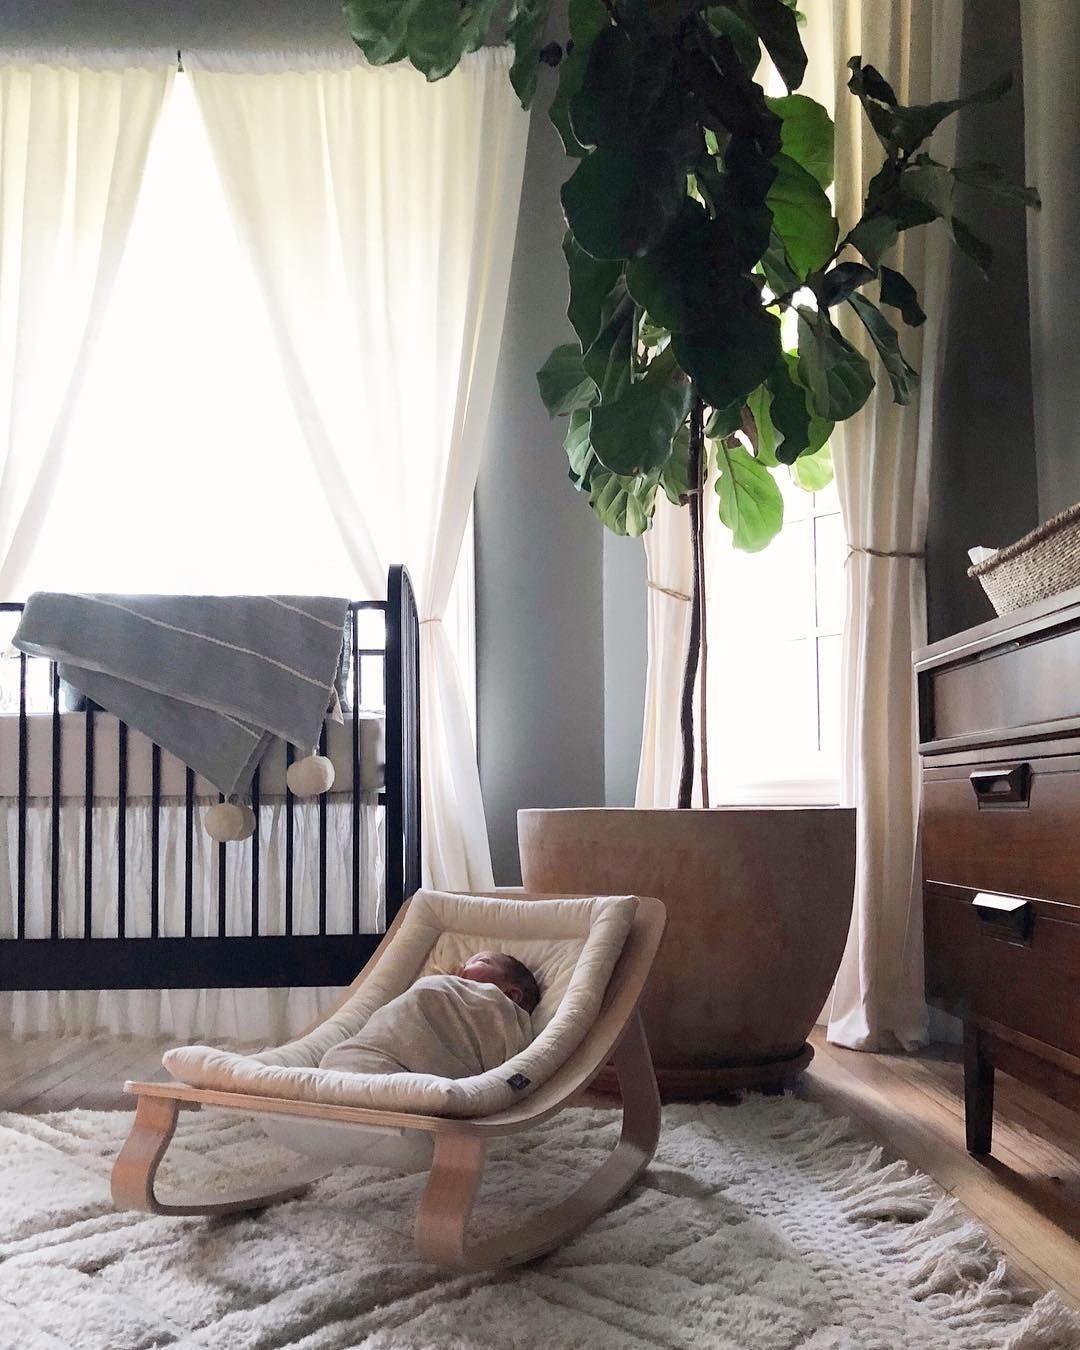 Nursery Decor Ideas From Joanna Gaines: A Look Inside Joanna Gaines' Nursery